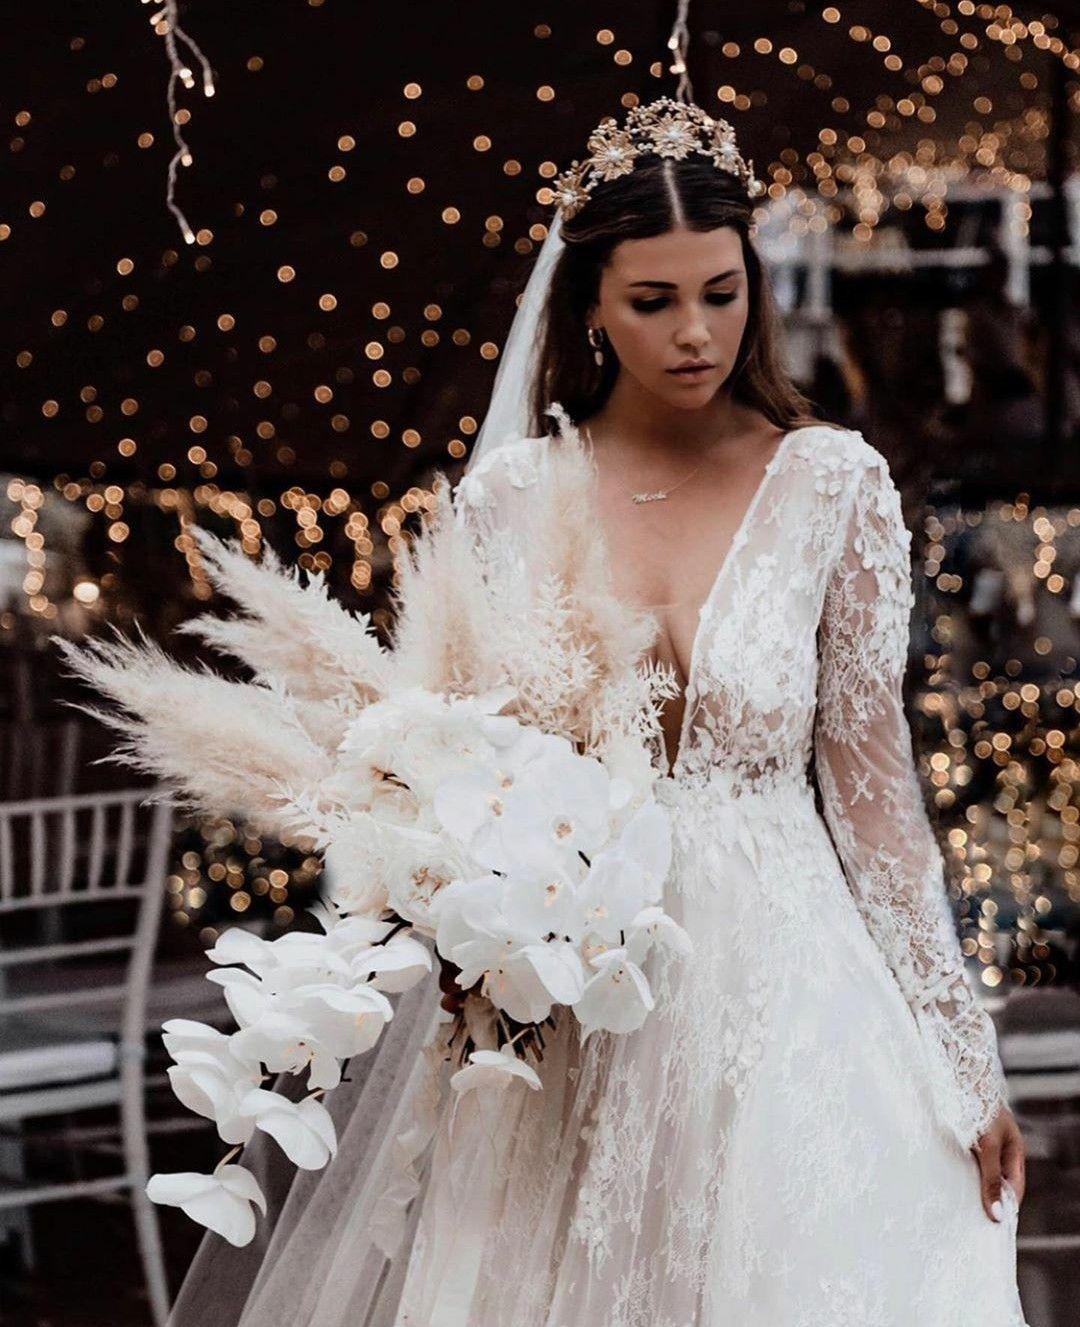 Pin von M. R. auf Wedding  Novalanalove, Hochzeitskleid, Hochzeit